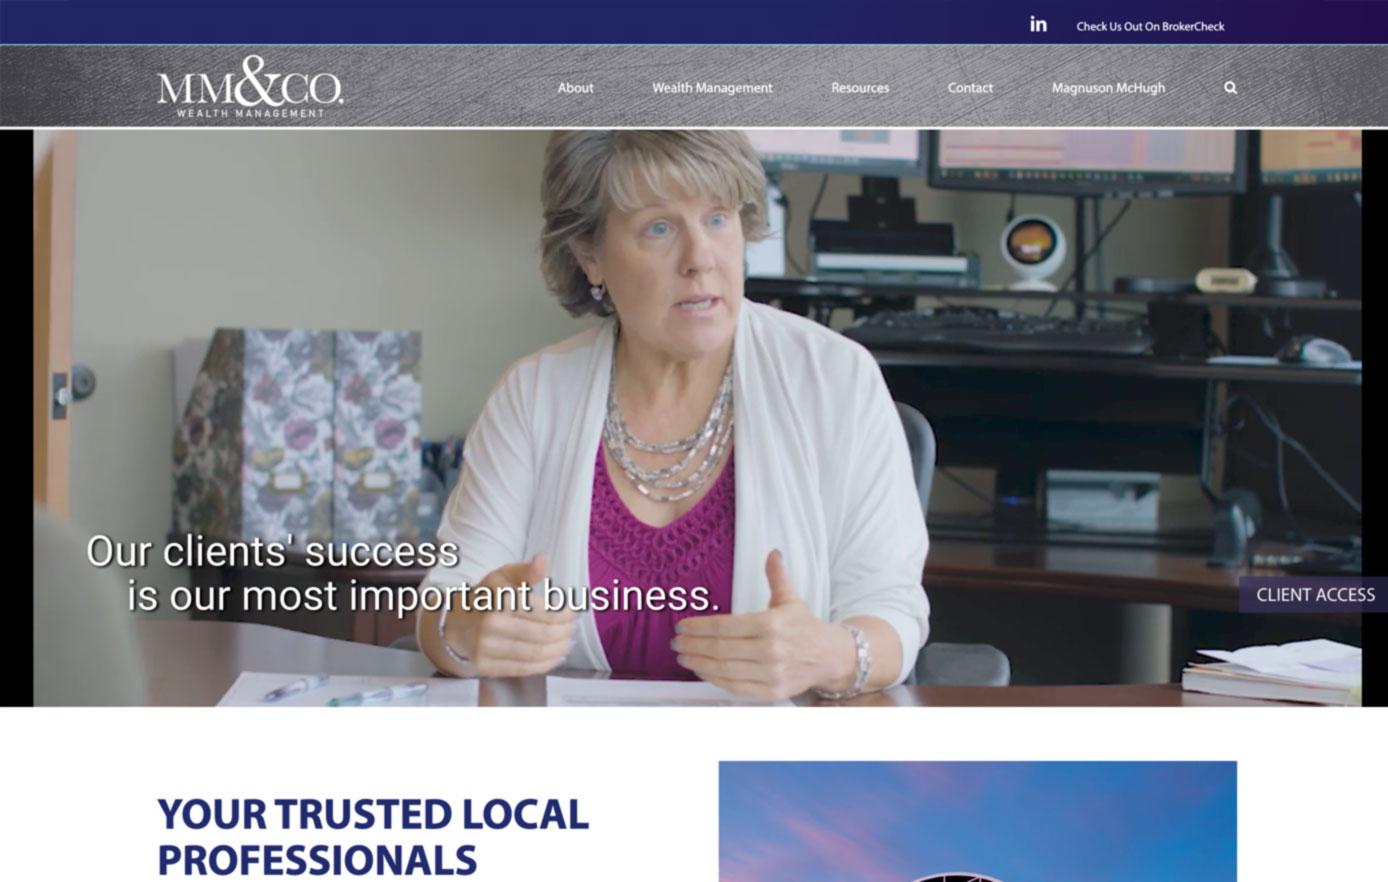 mm&co wealth management, website design, website maintenance